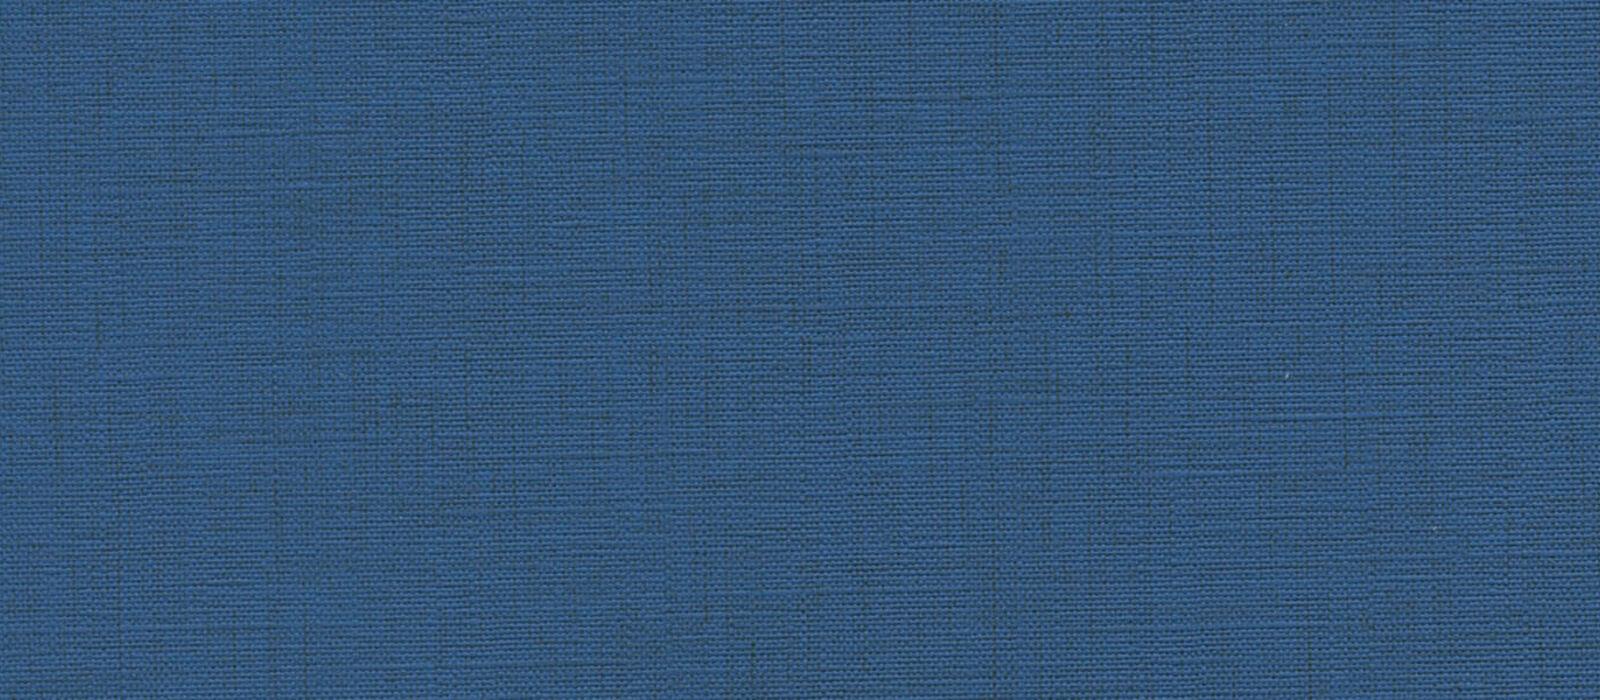 skai Makari blue